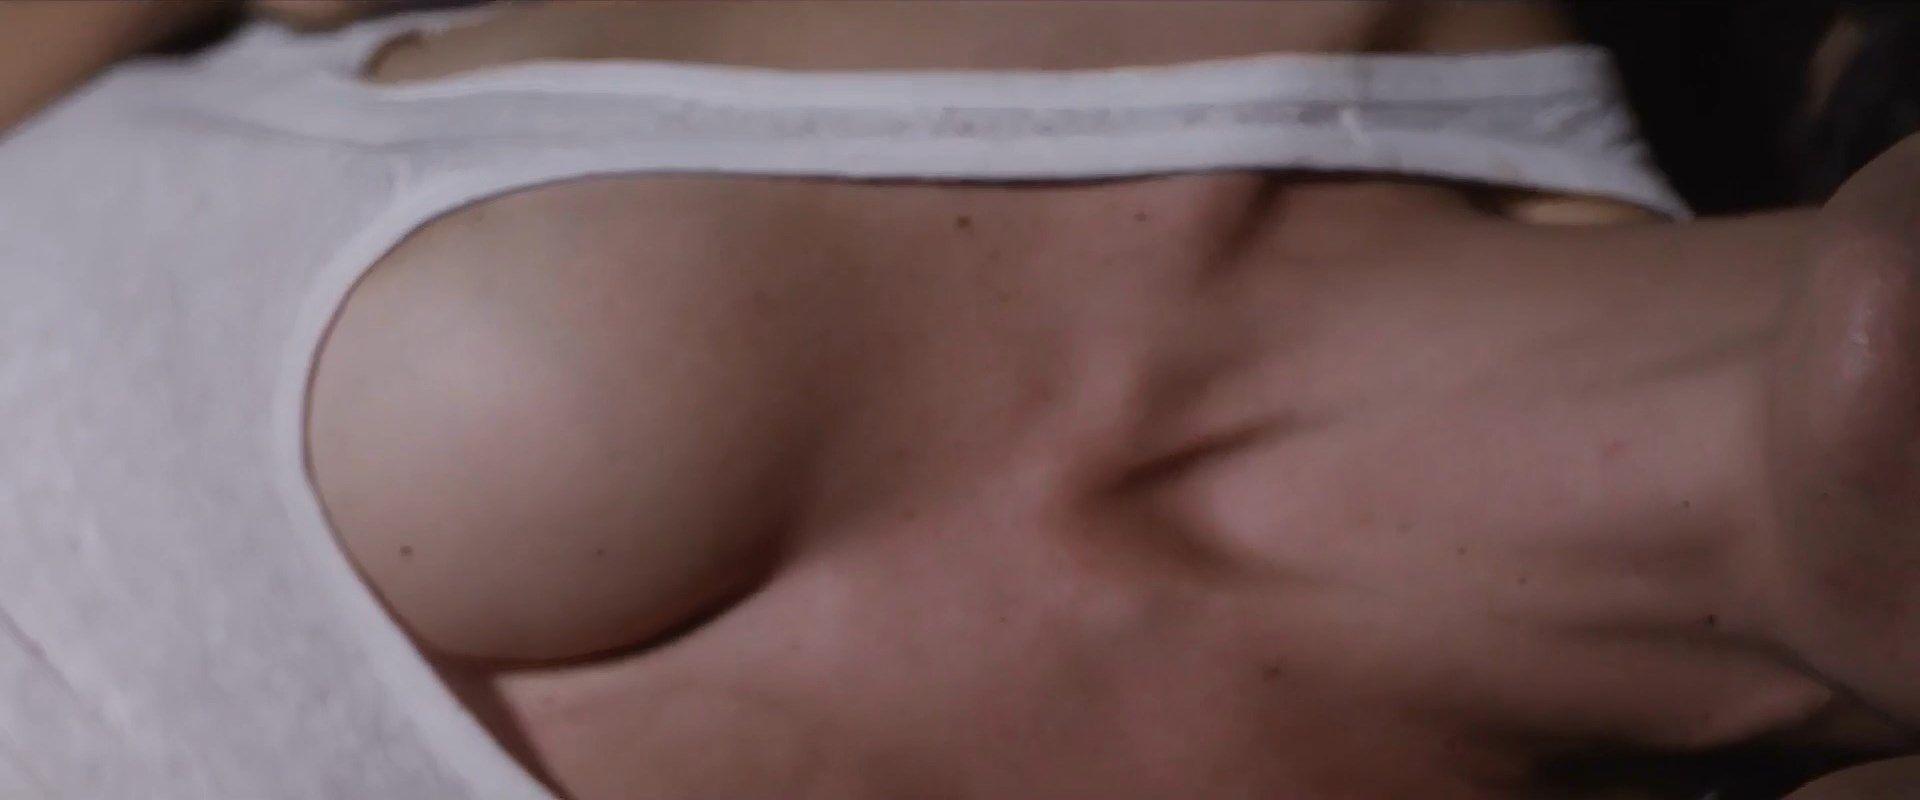 Bejo nude bérénice Berenice Bejo